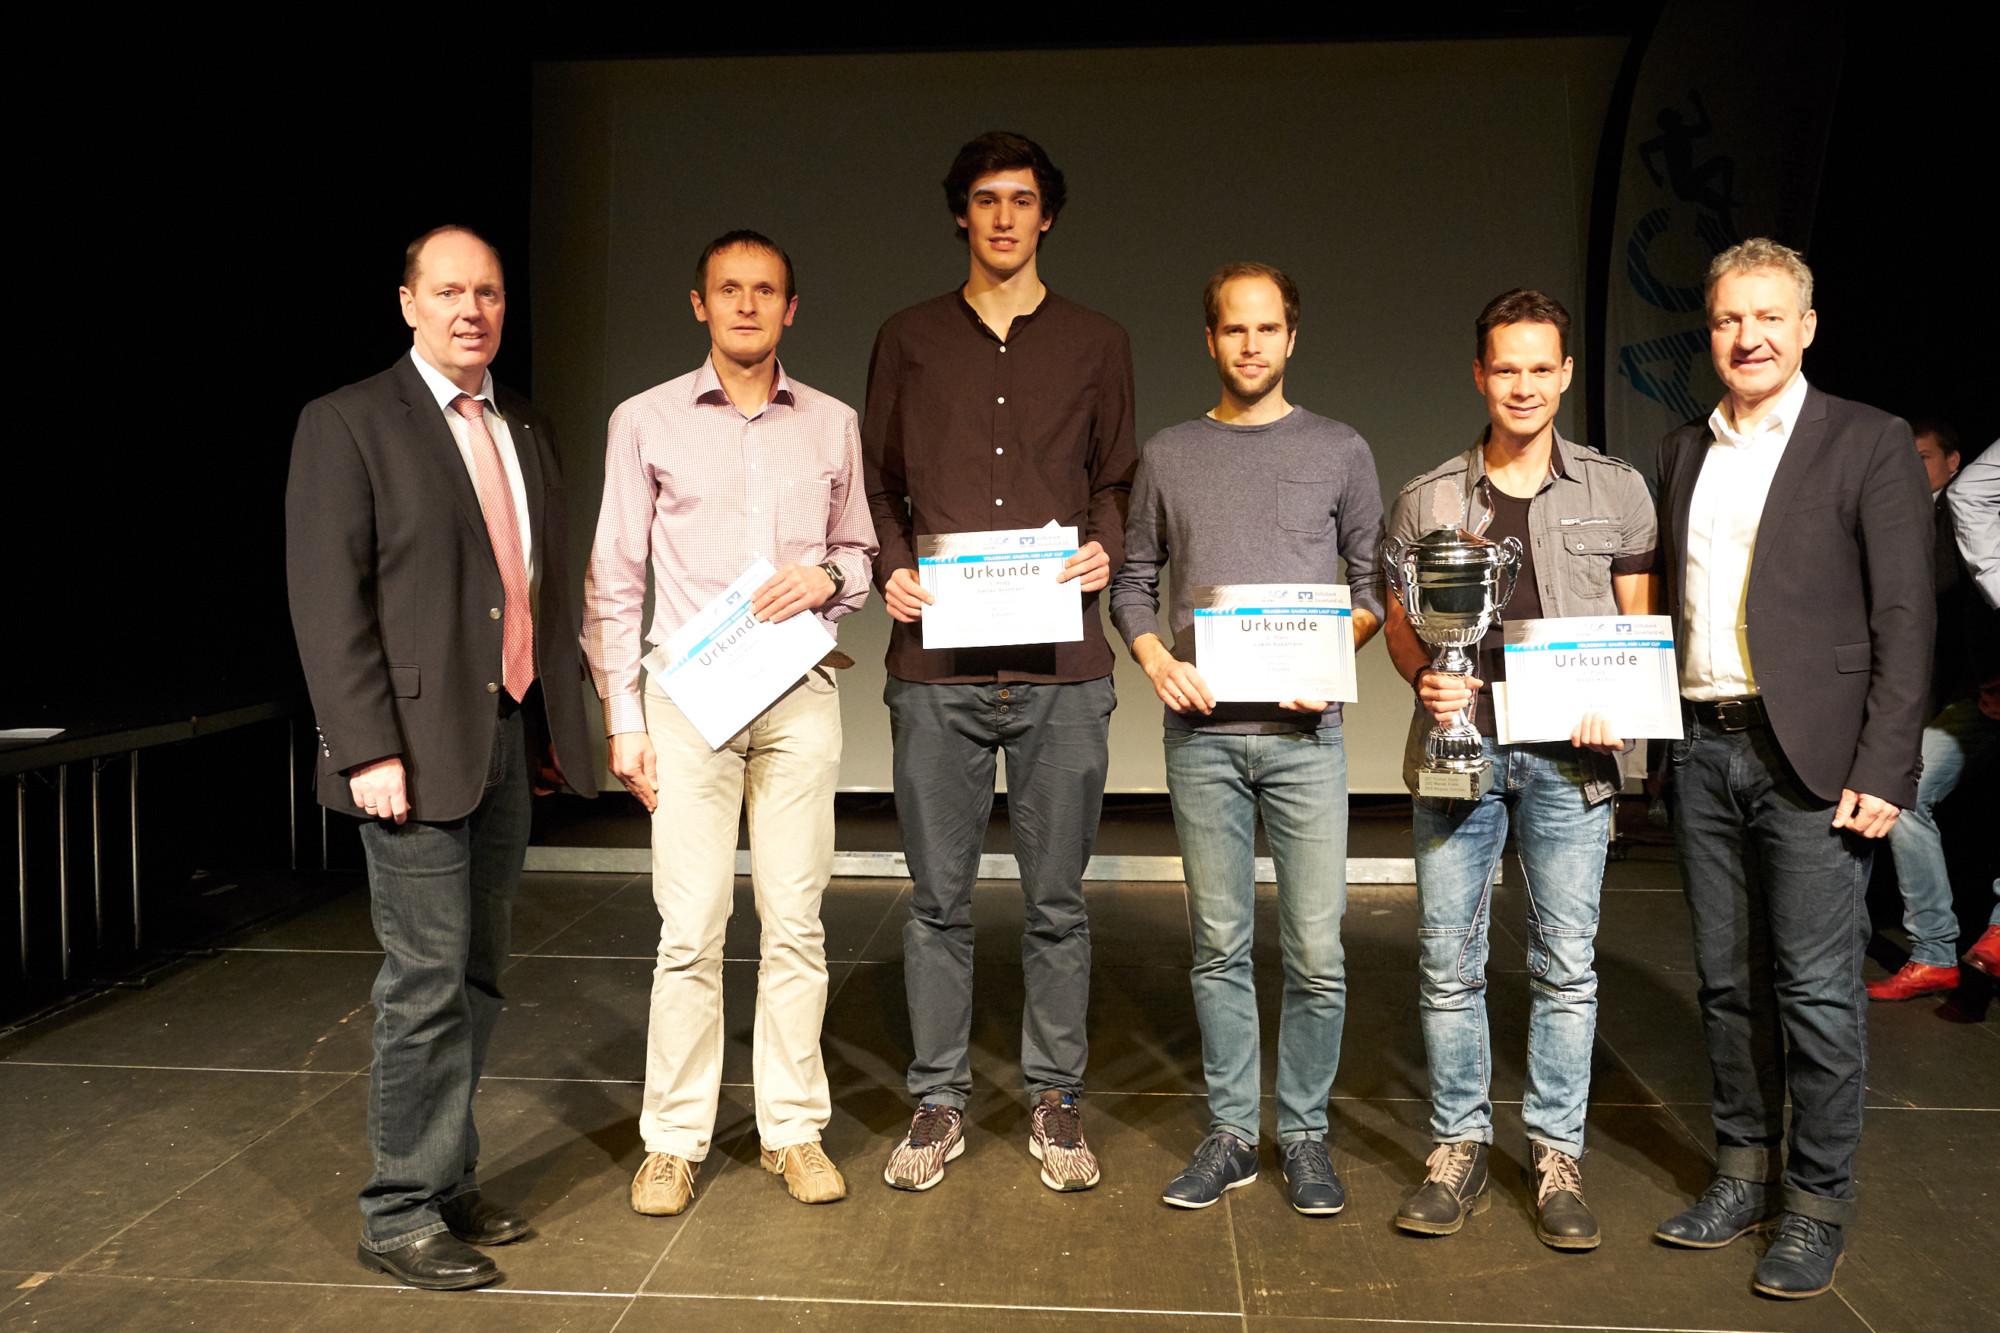 Ehrung der Gesamtsieger 2016 von links nach rechts: Thomas Vielhaber (Volksbank Sauerland) Thomas Bähr, Tobias Herrman, Lukas Appelhans, Andre Kraus